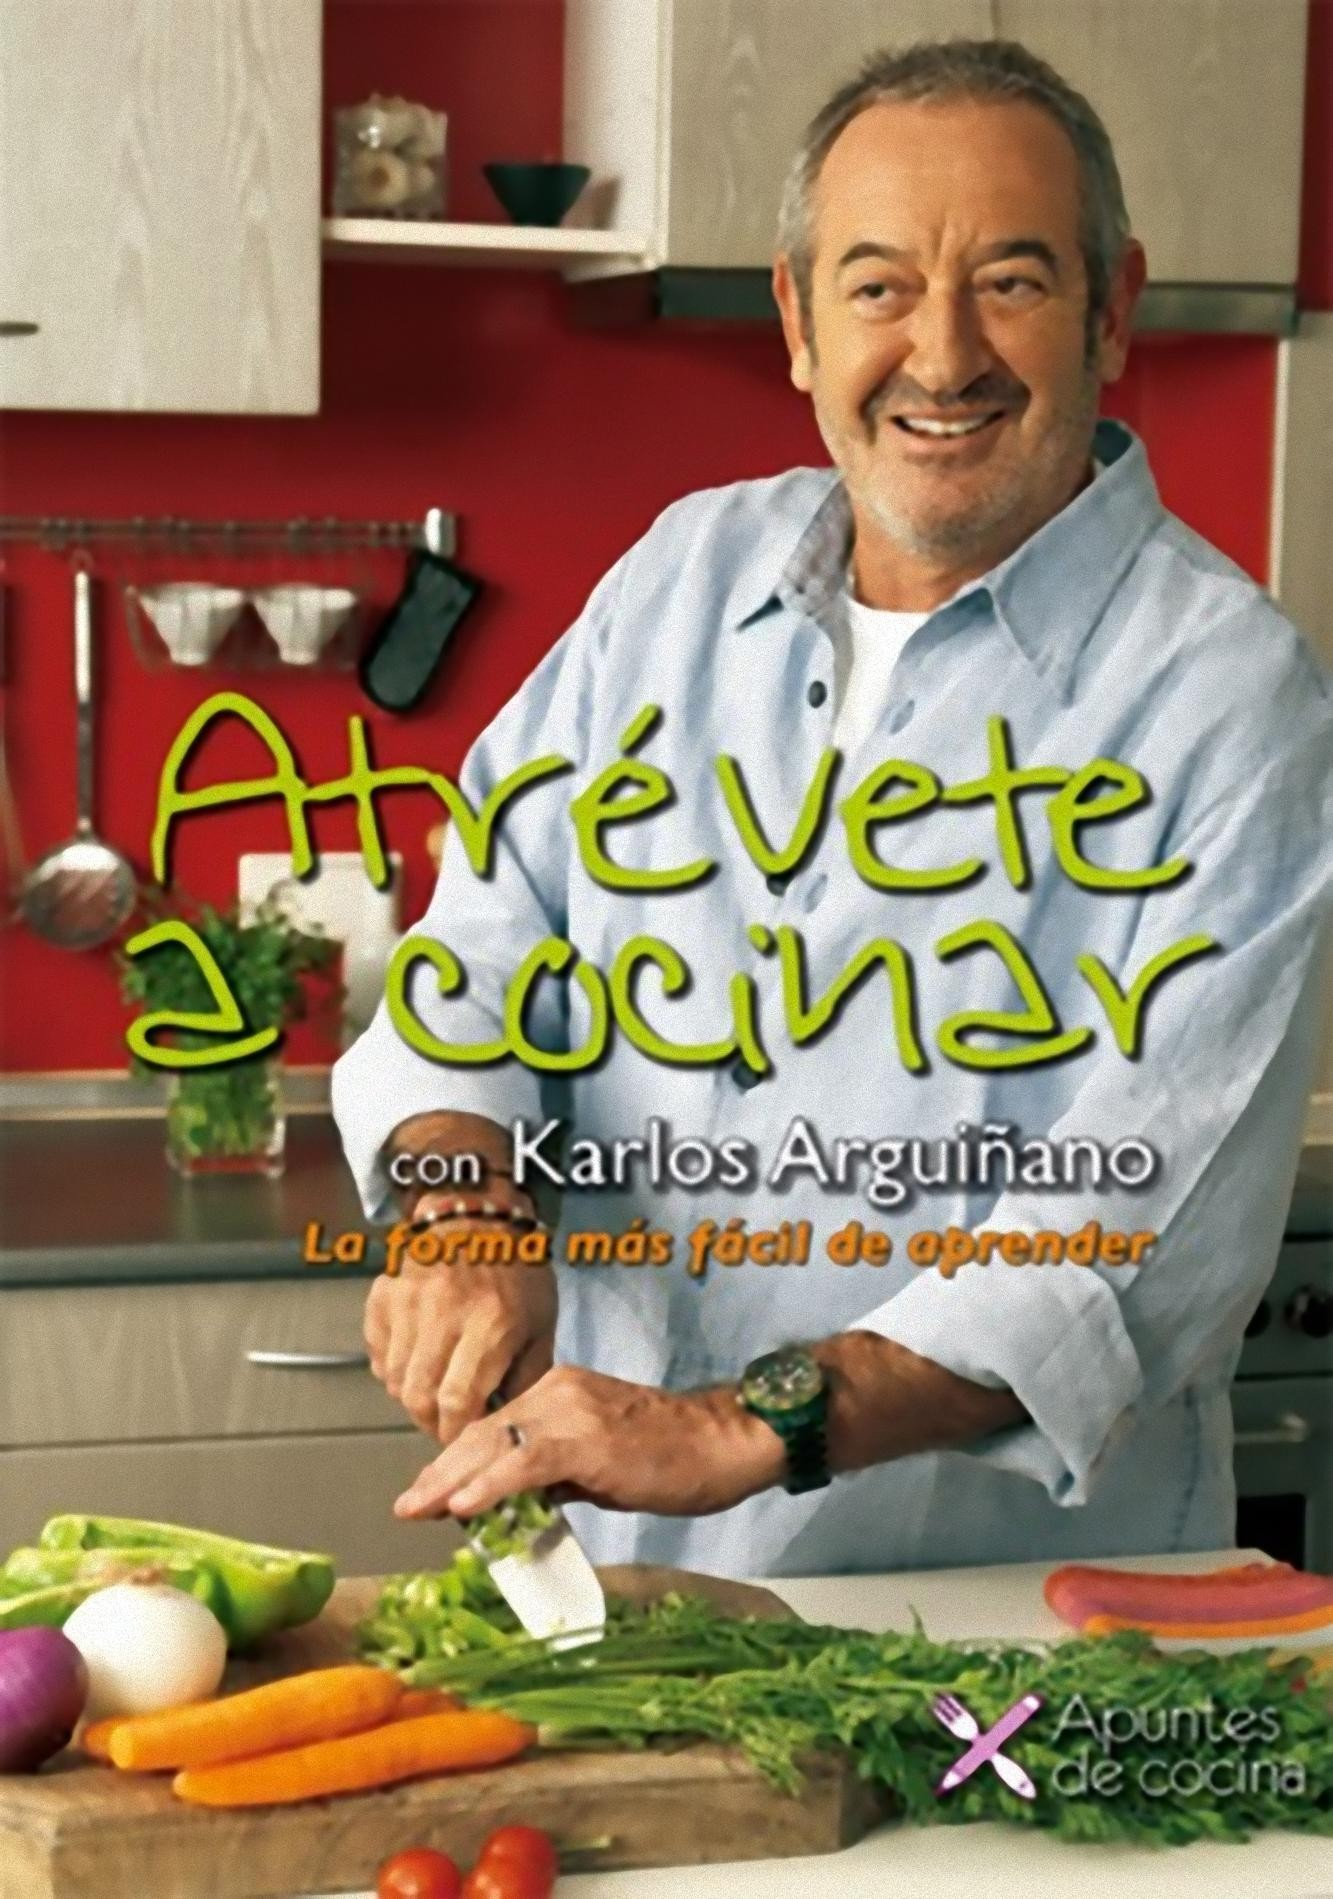 Atr vete a cocinar con karlos argui ano for Como cocinar jabali arguinano